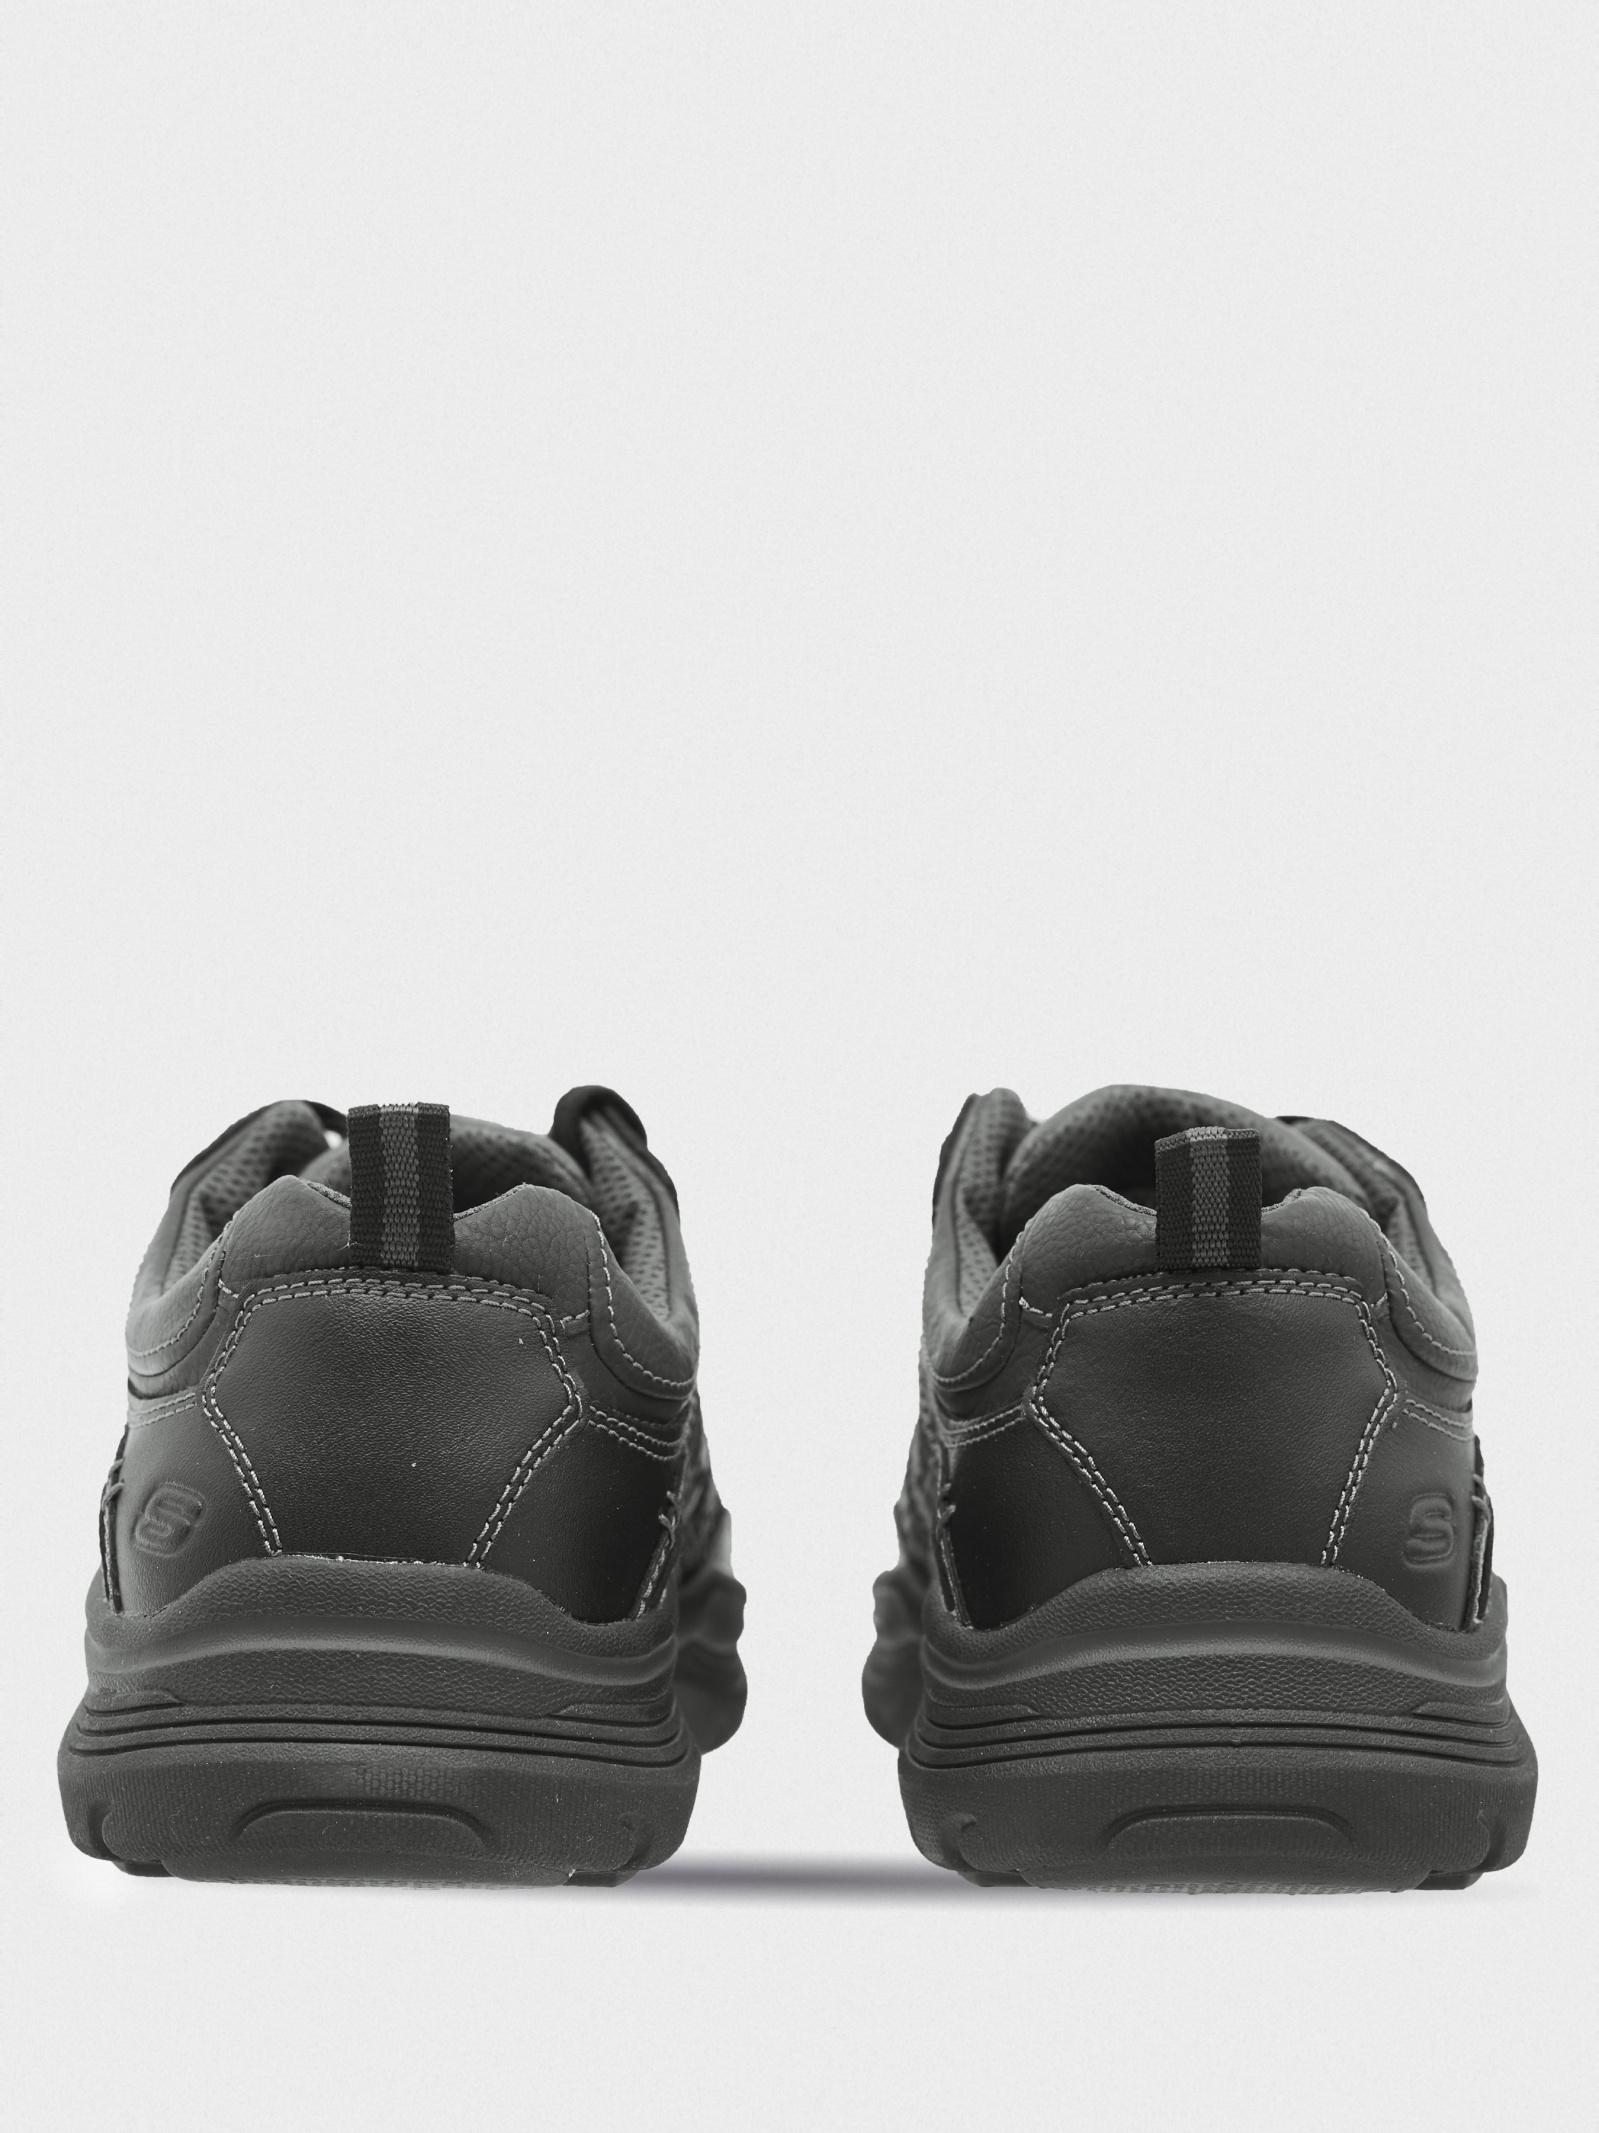 Напівчеревики  чоловічі Skechers 66299 BLK замовити, 2017